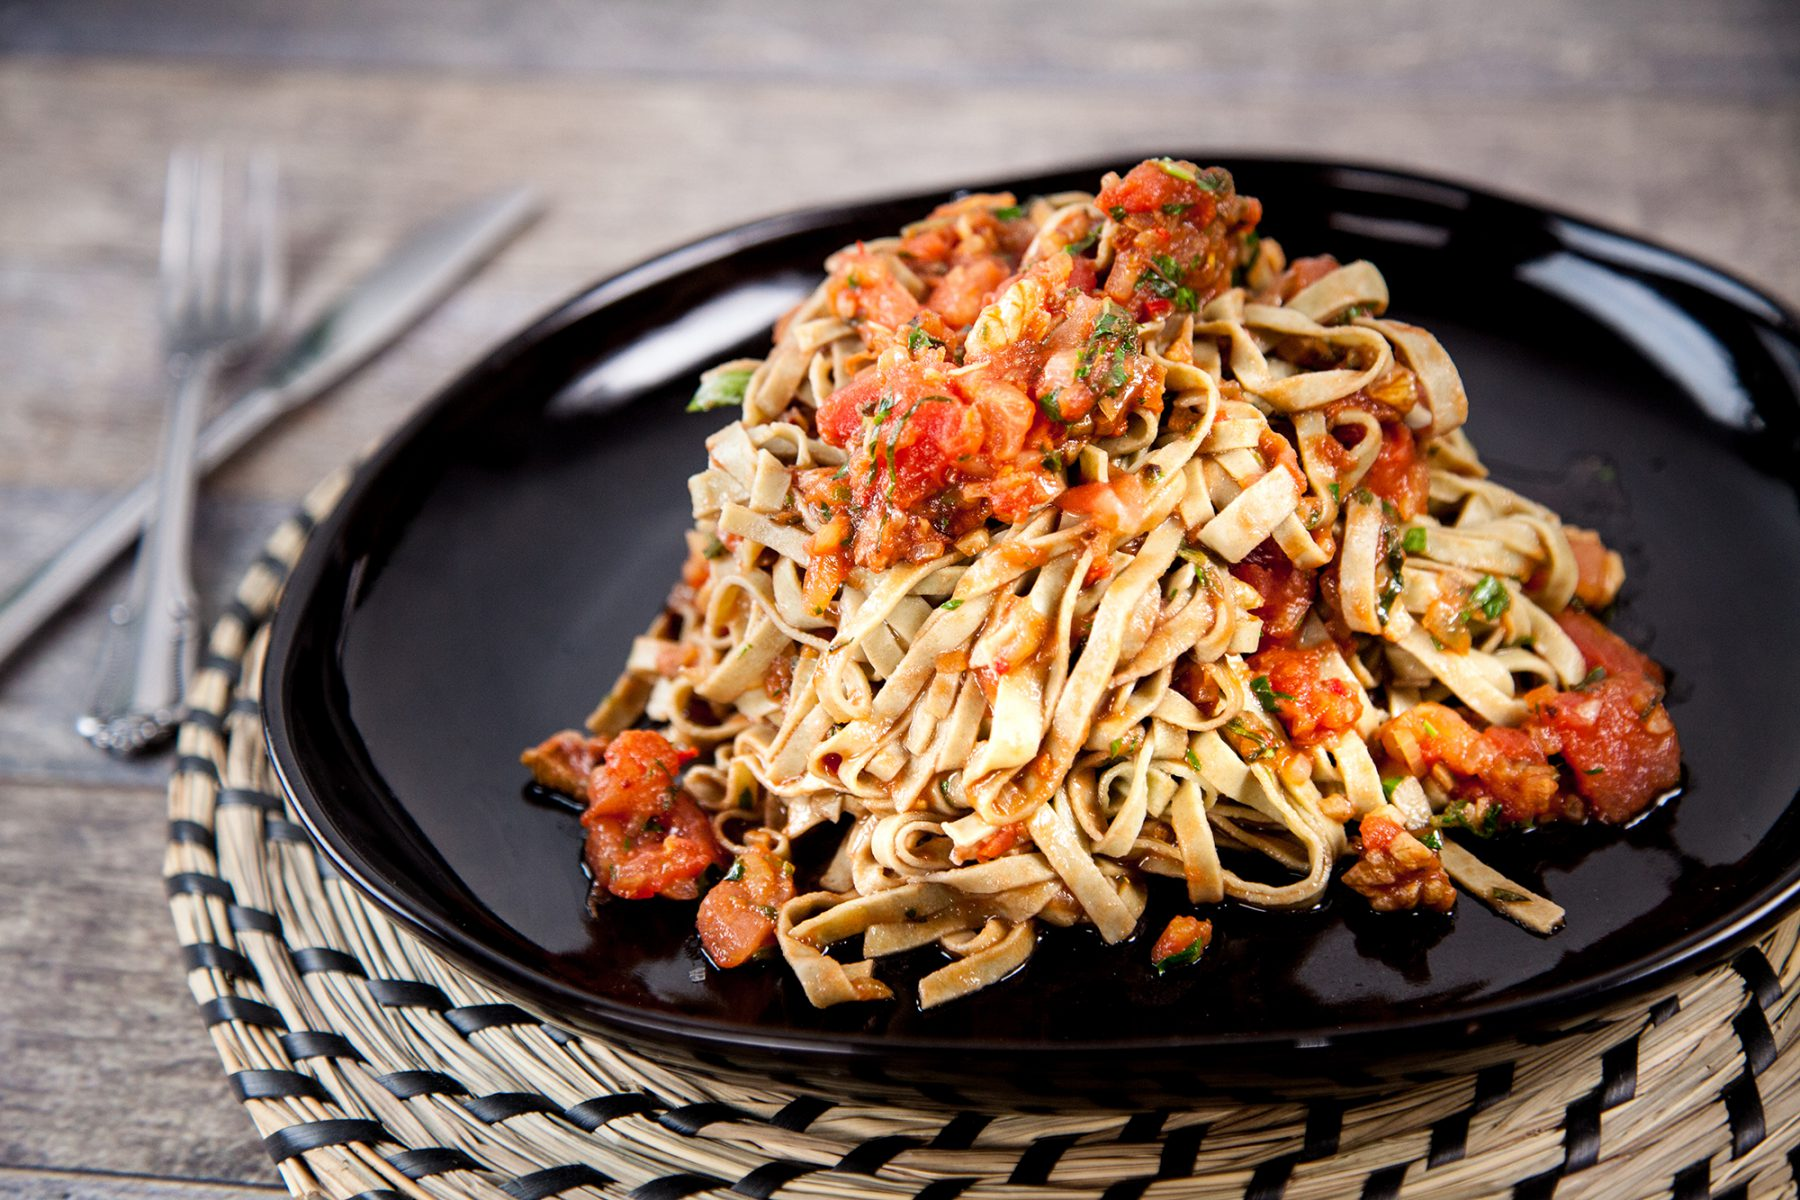 Walnut vegan pasta sauce with mung bean noodles